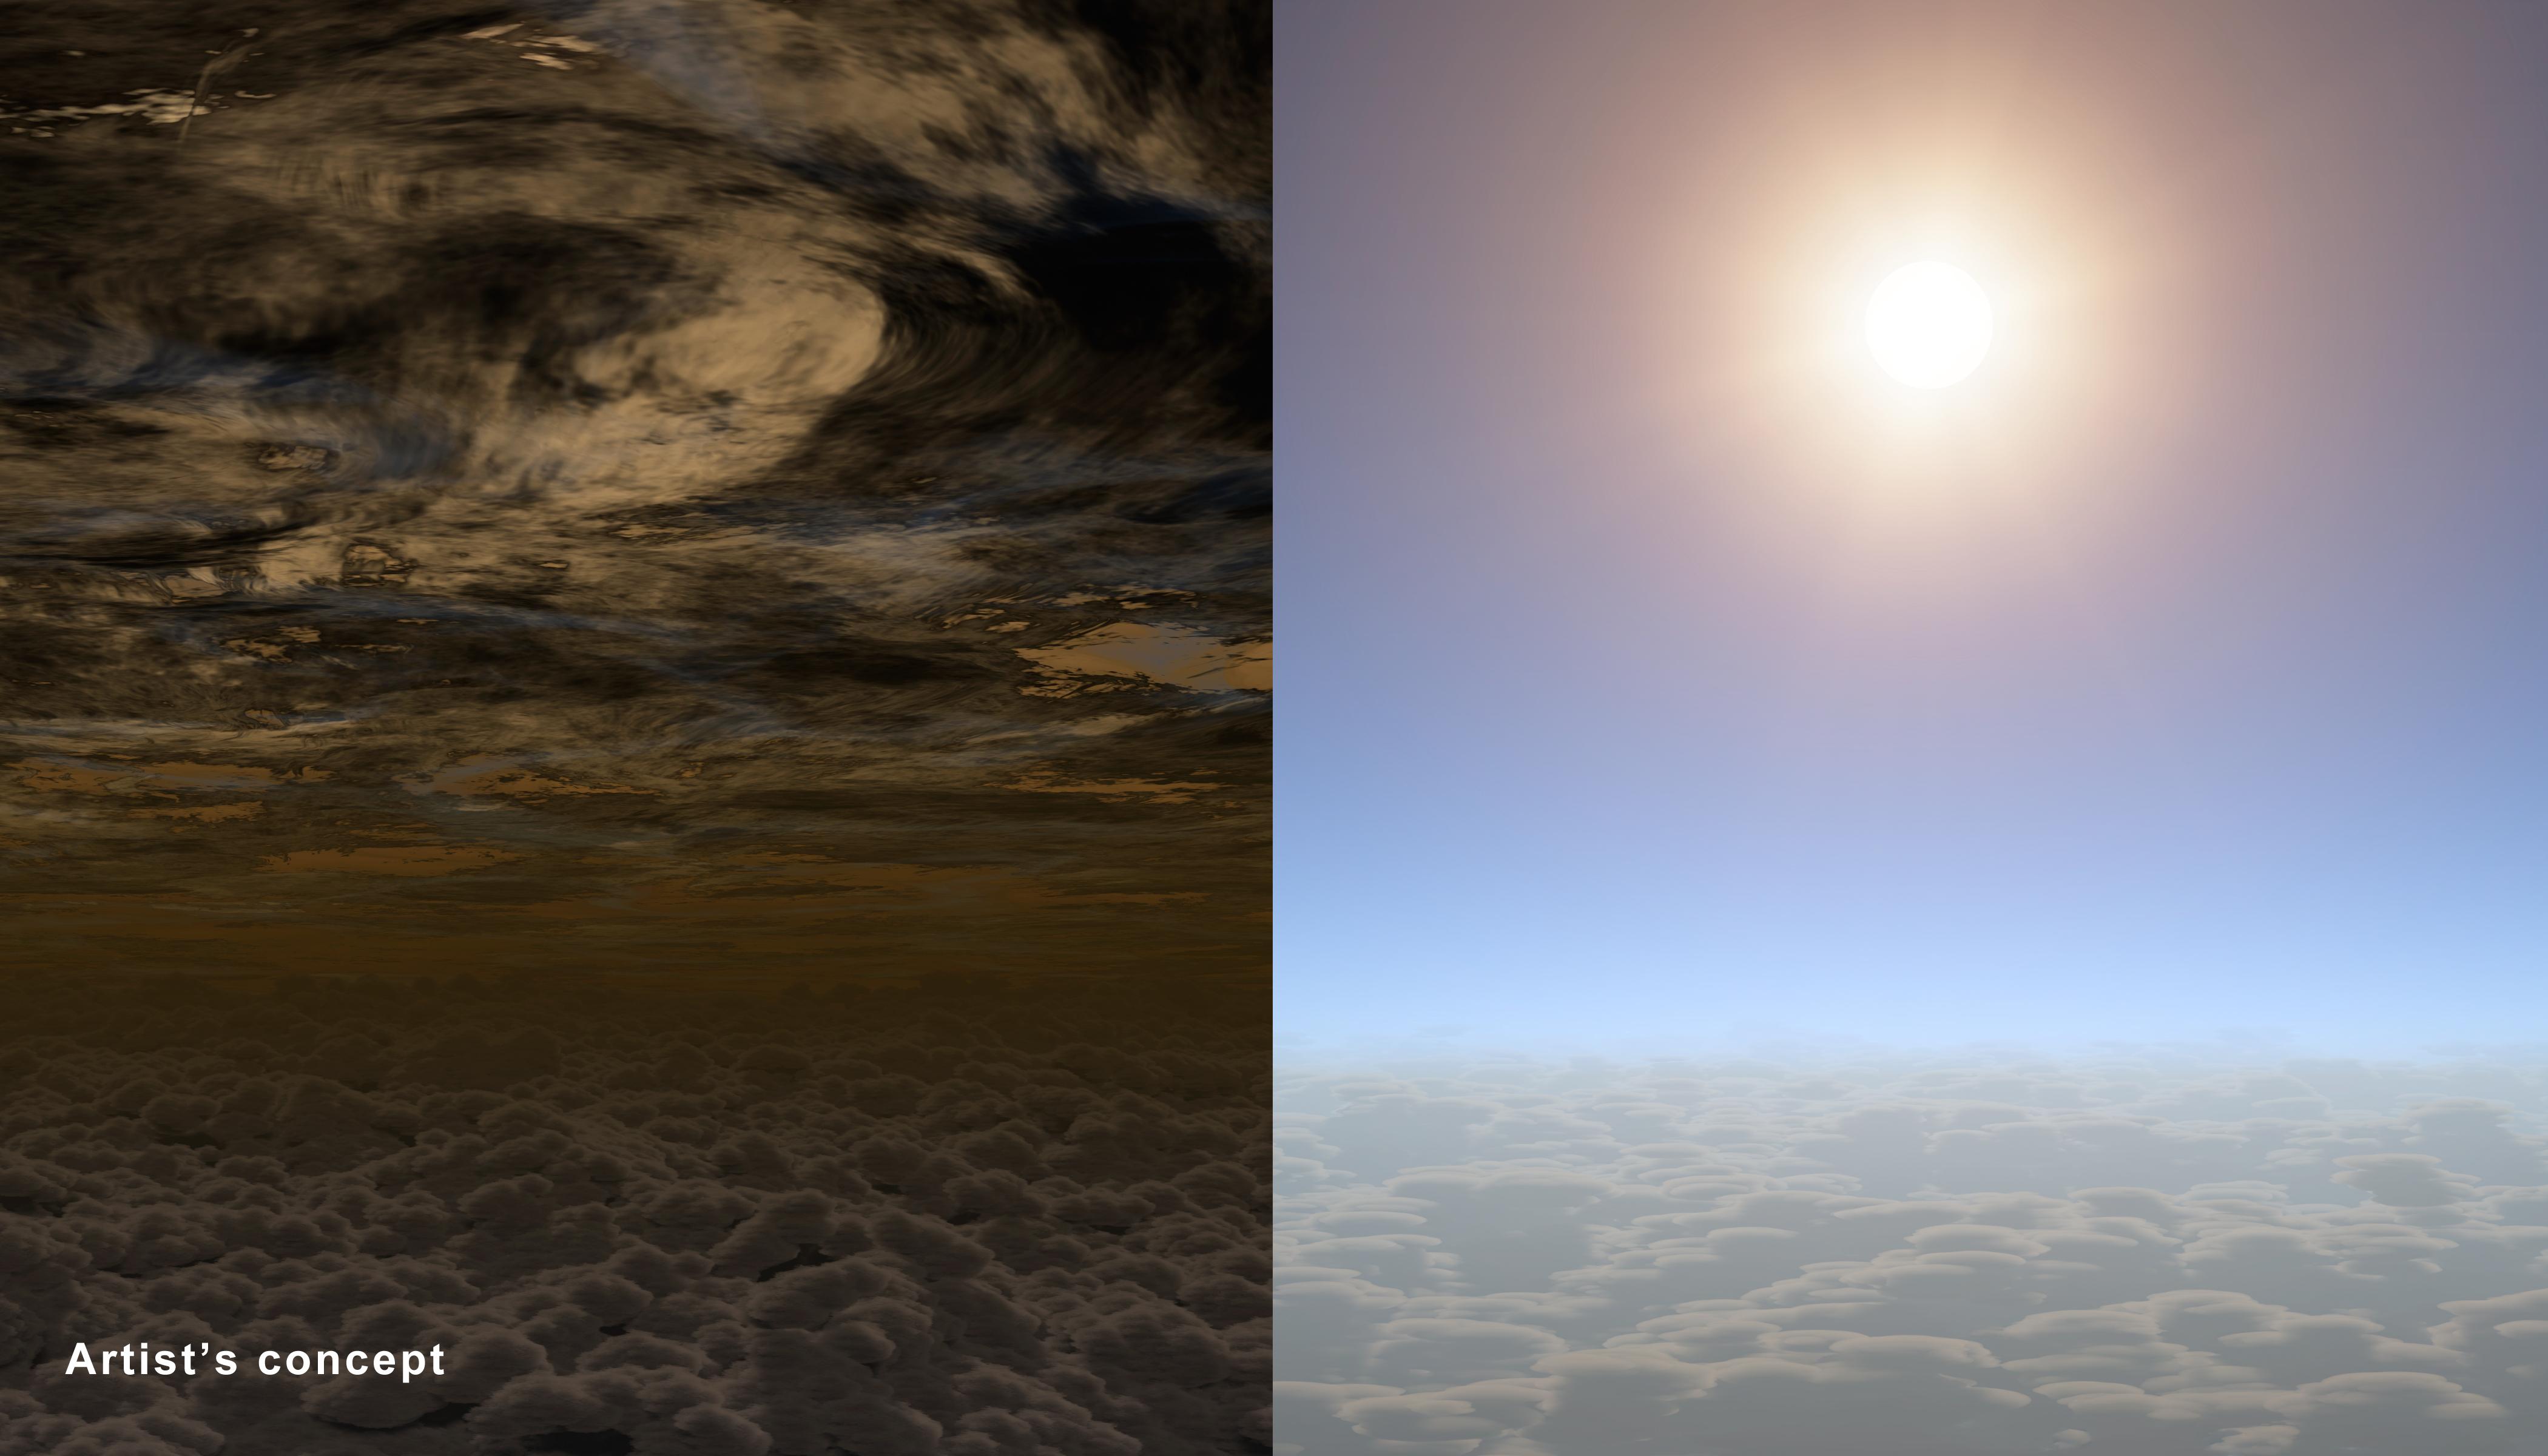 Hasta ahora todos los exoplanetas del tamaño de la Tierra tenían cielos como los de la izquierda; HAT-P-11b los tiene claros, como los de la derecha. Fuente: NASA/JPL-Caltech.